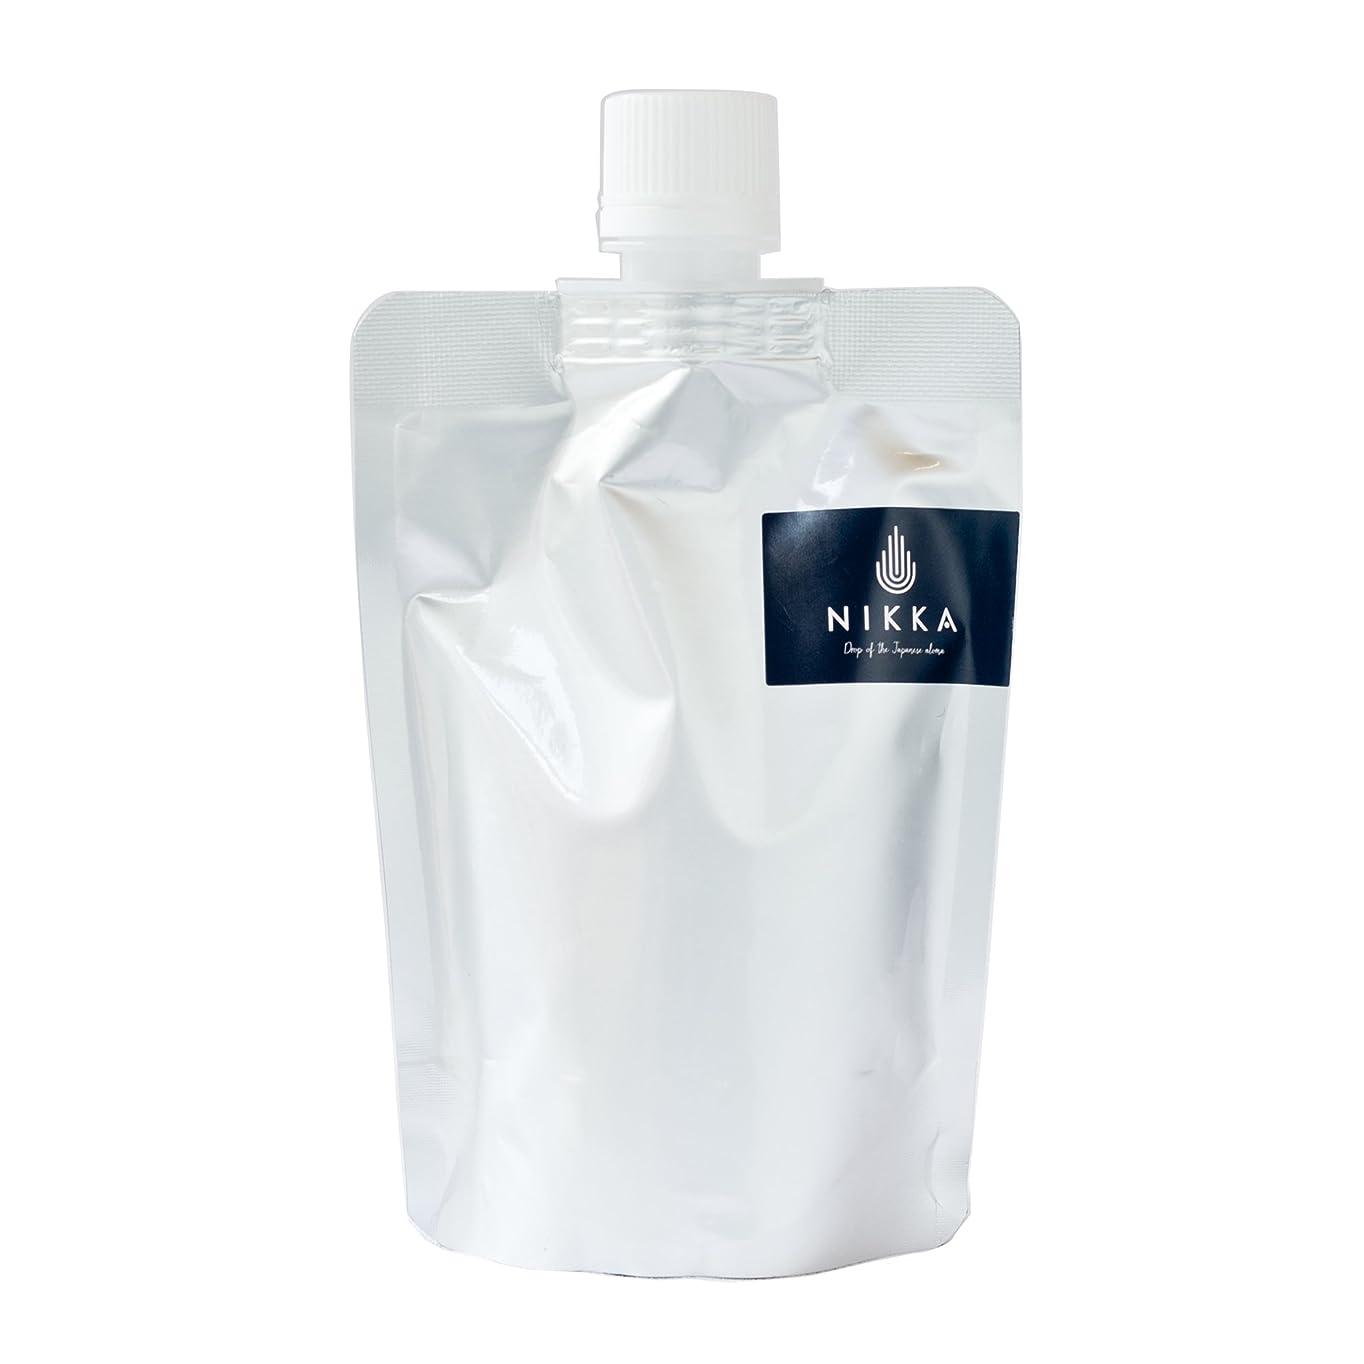 発行する動かす顧問NIKKA エッセンシャルオイル希釈液 ひのきしずく (パウチ詰替150ml)